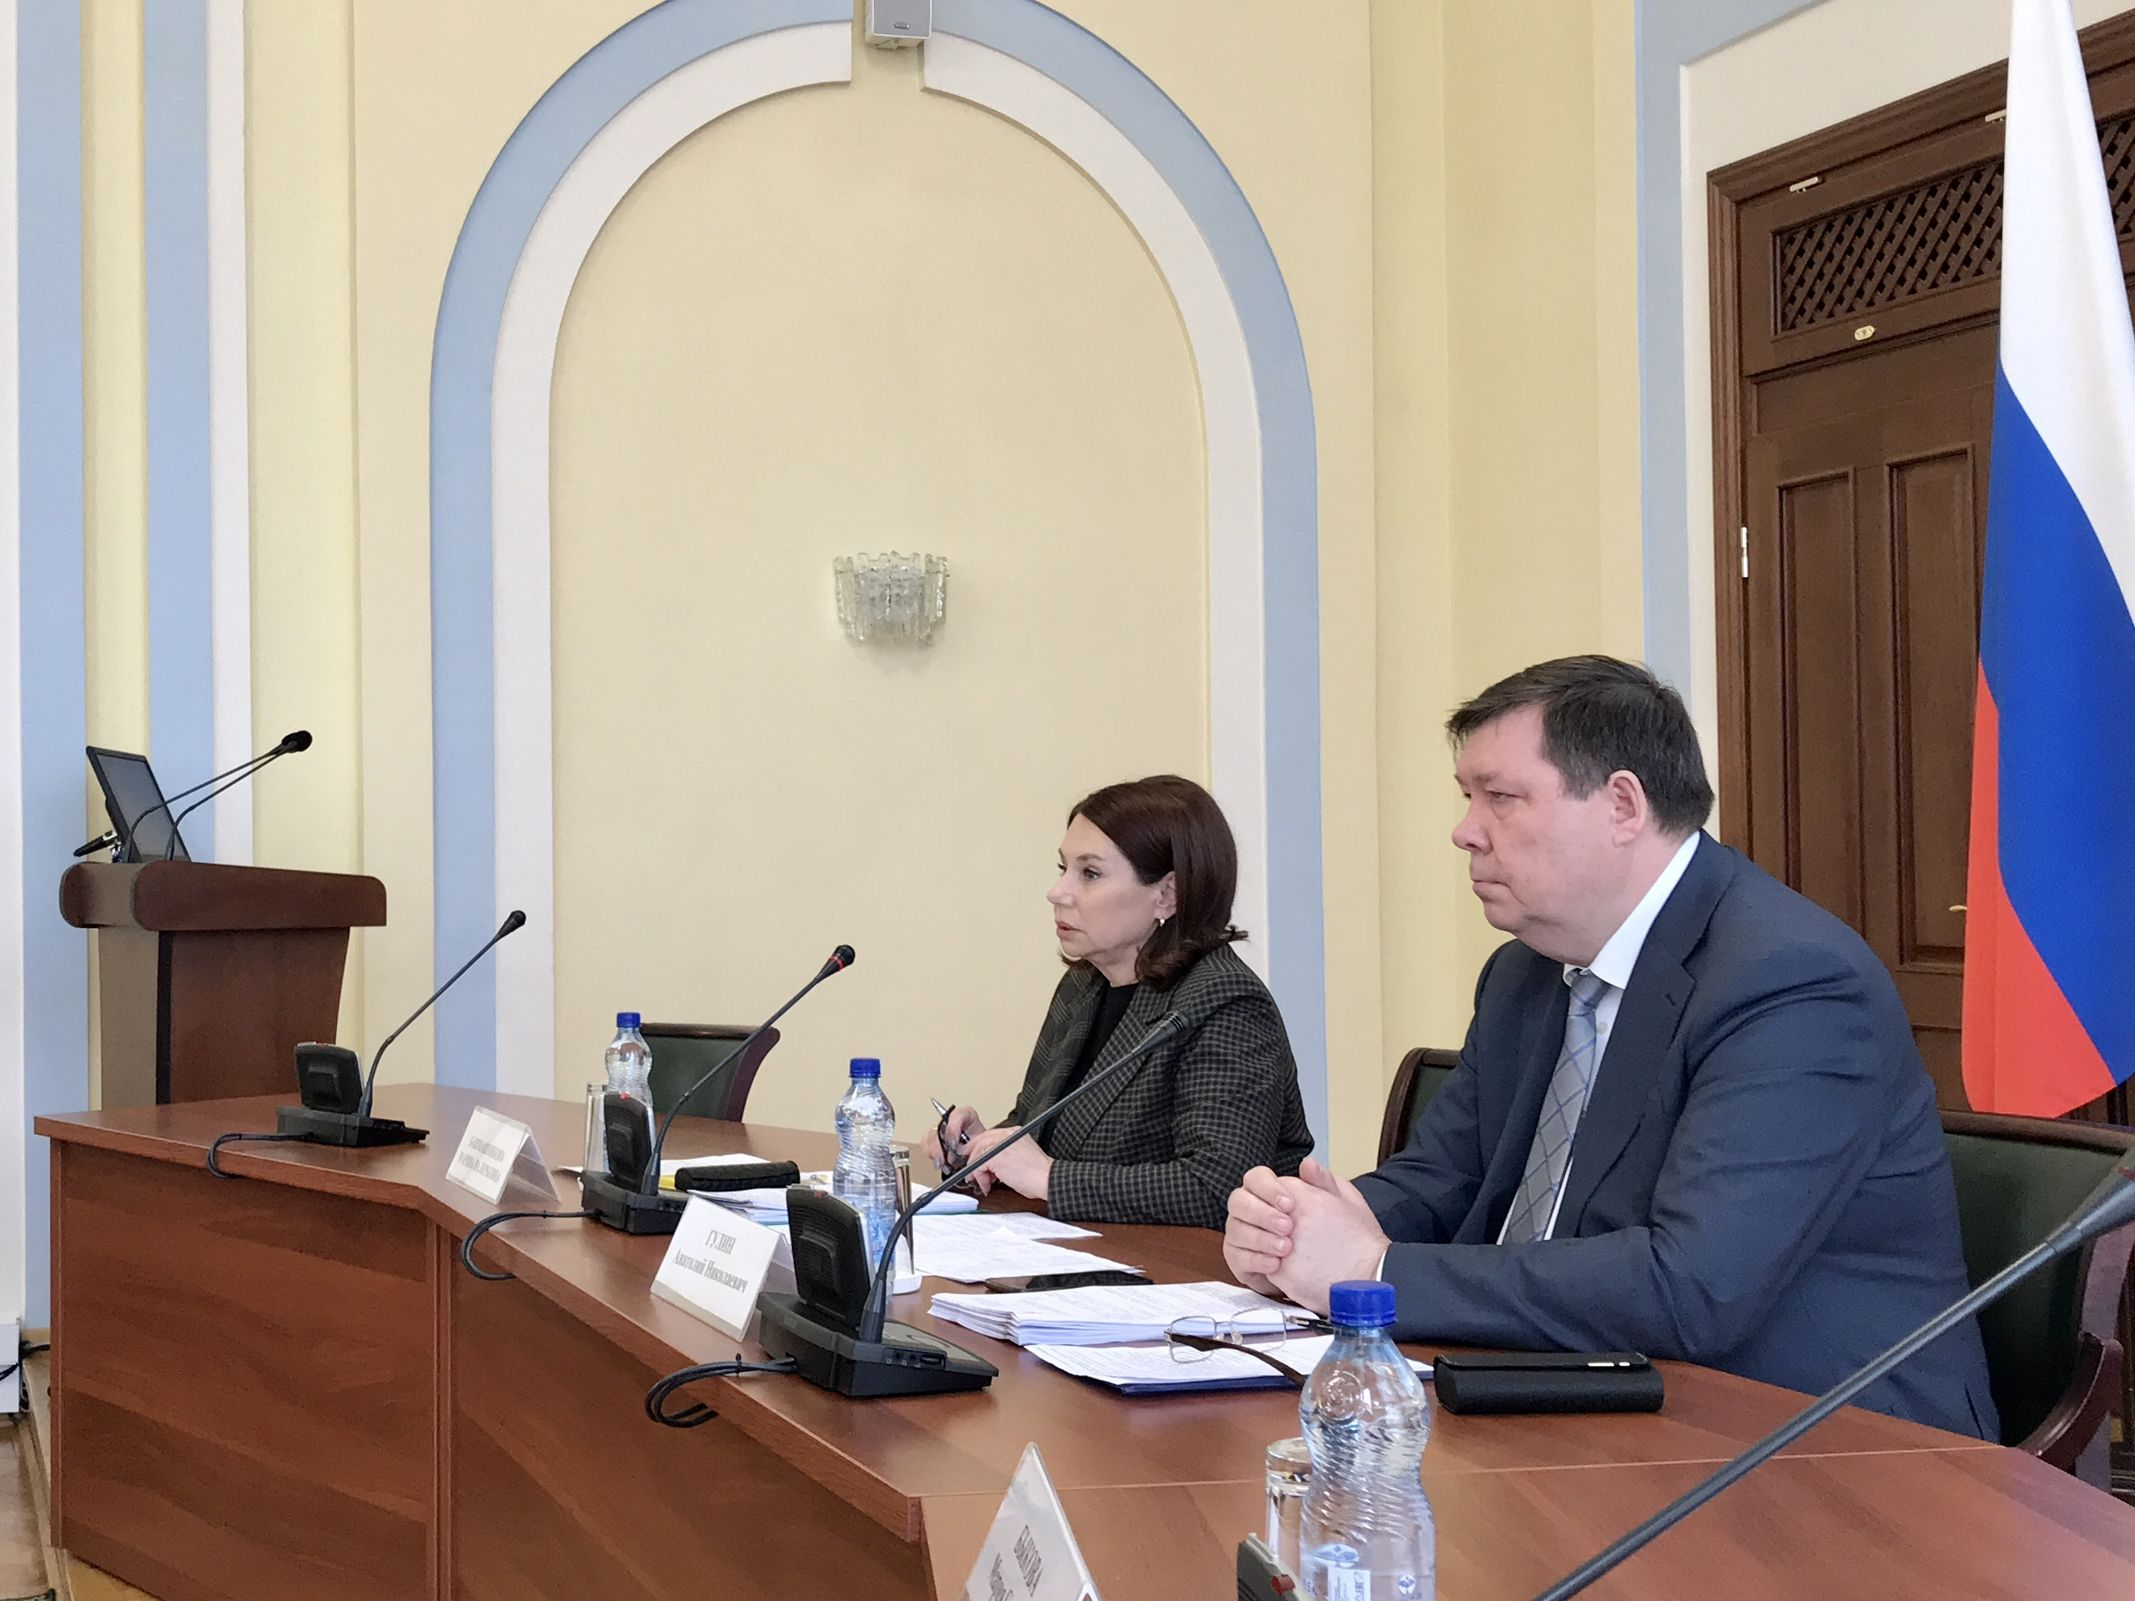 Анатолий Гулин: необходимо уделить особое внимание обеспечению безопасности детей в летний период